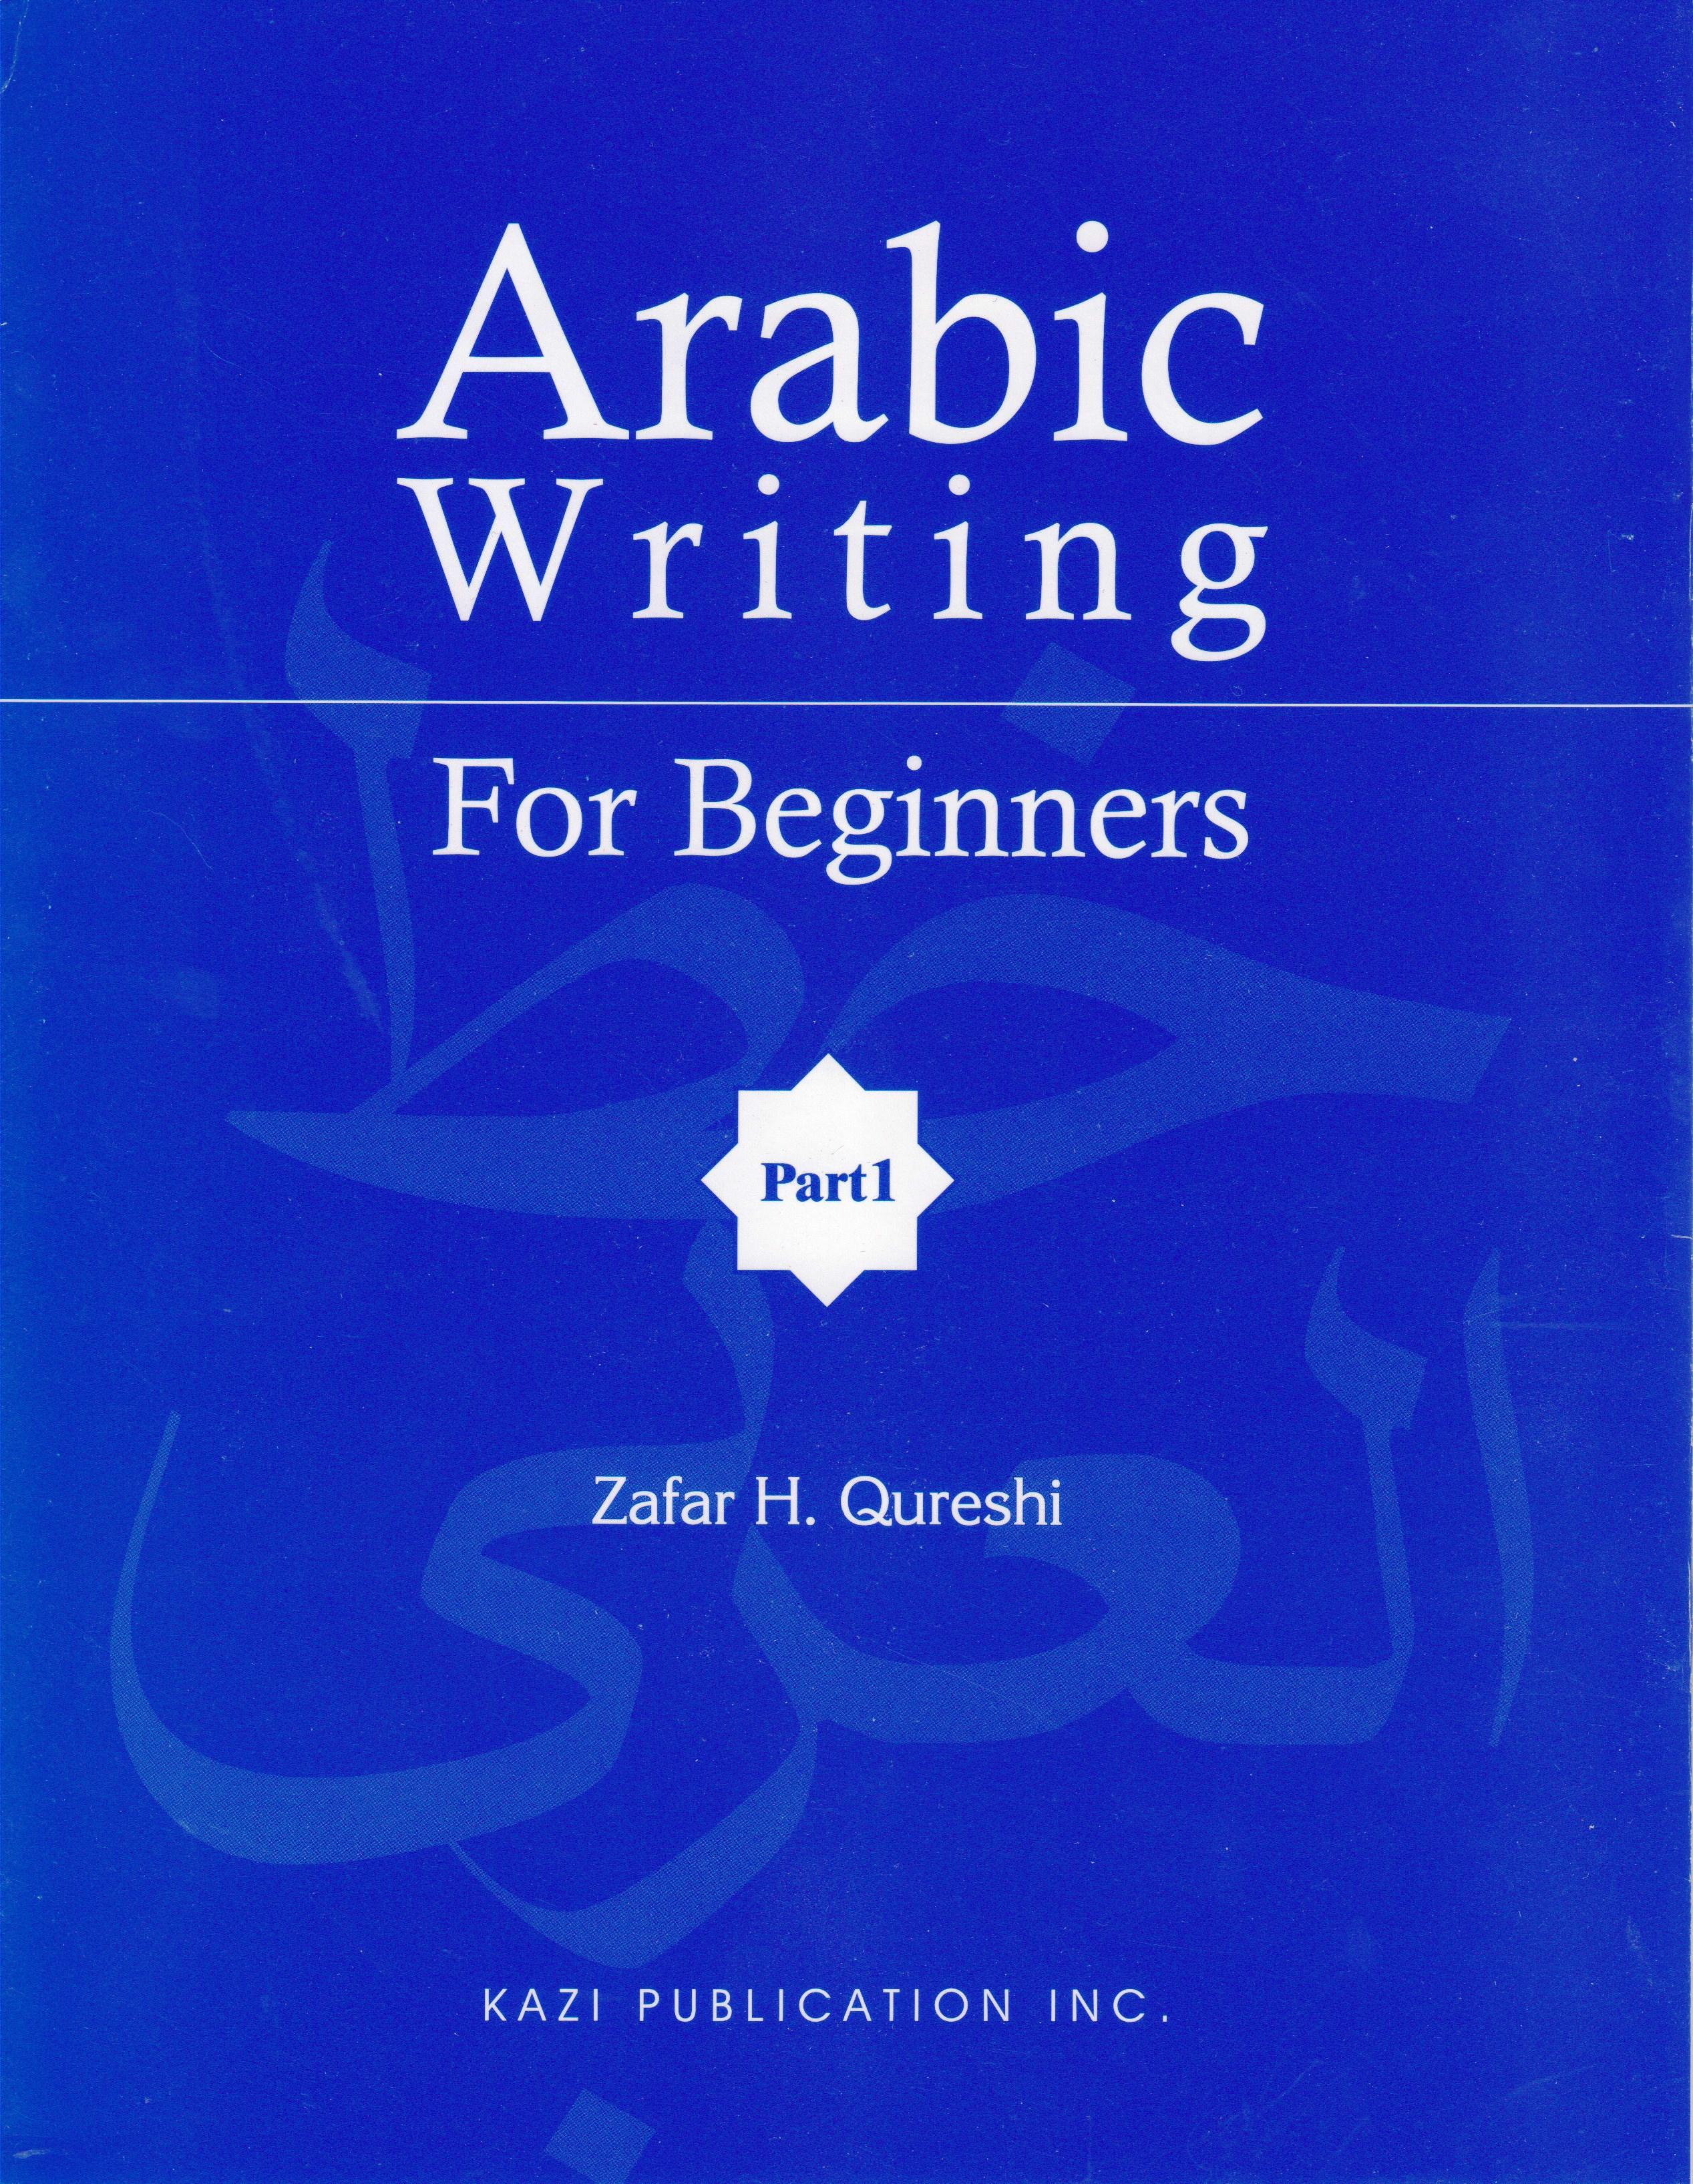 Arabic writing for beginners i